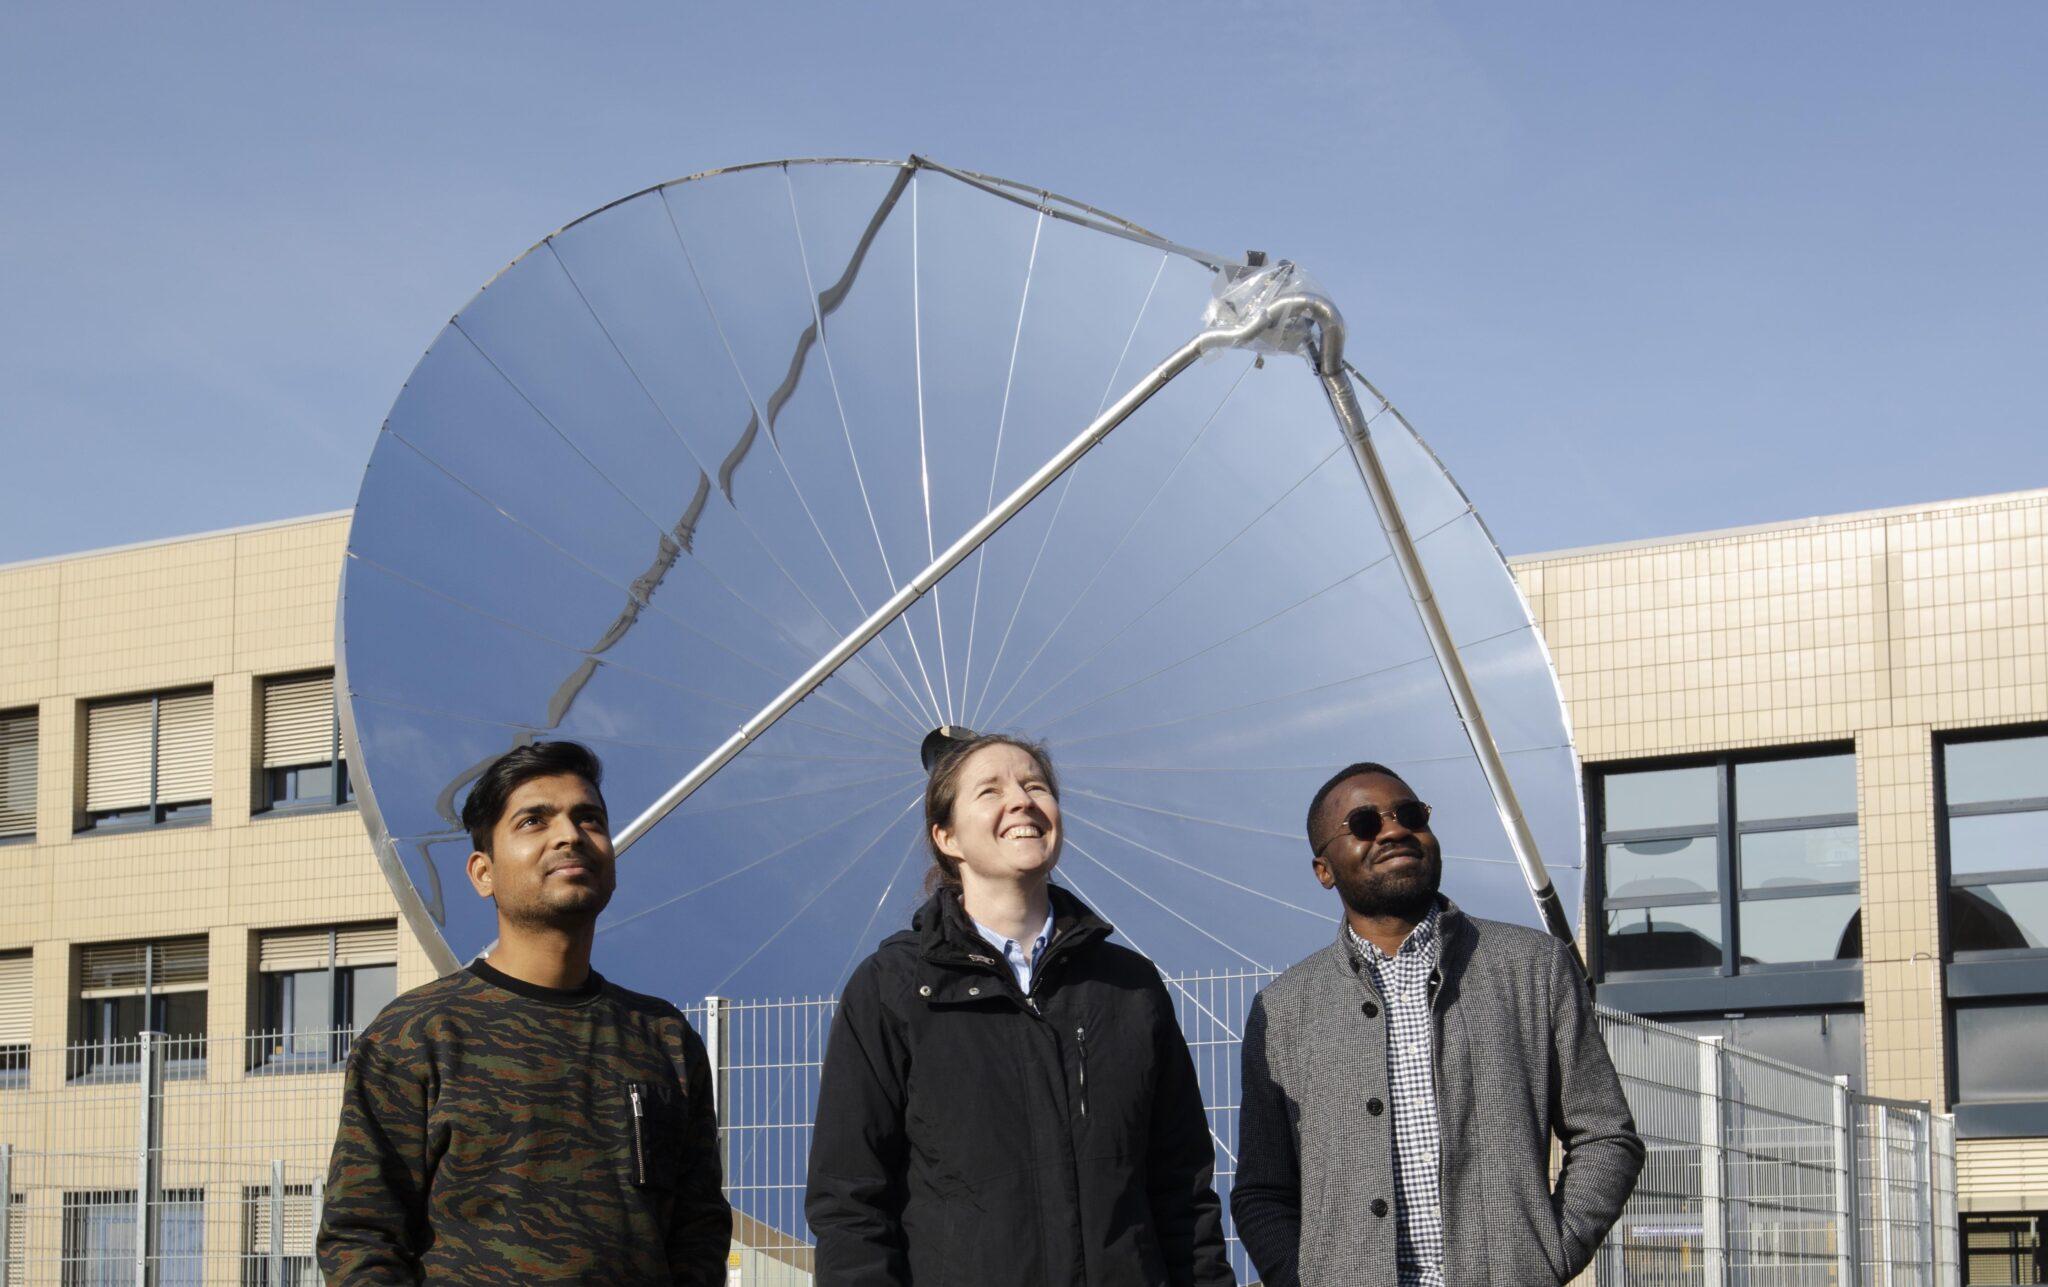 Eine Forscherin und 2 Forscher vor einem Parabolspiegel.